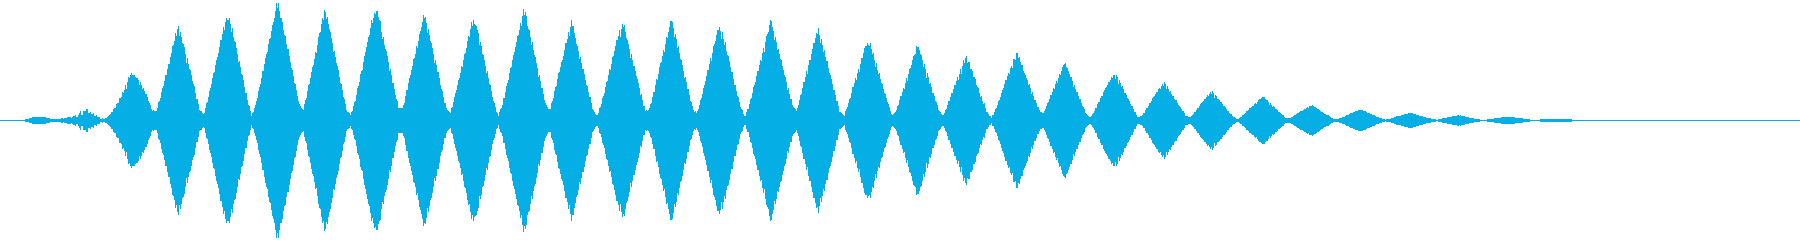 フクロウの鳴き声 フルルルルの再生済みの波形